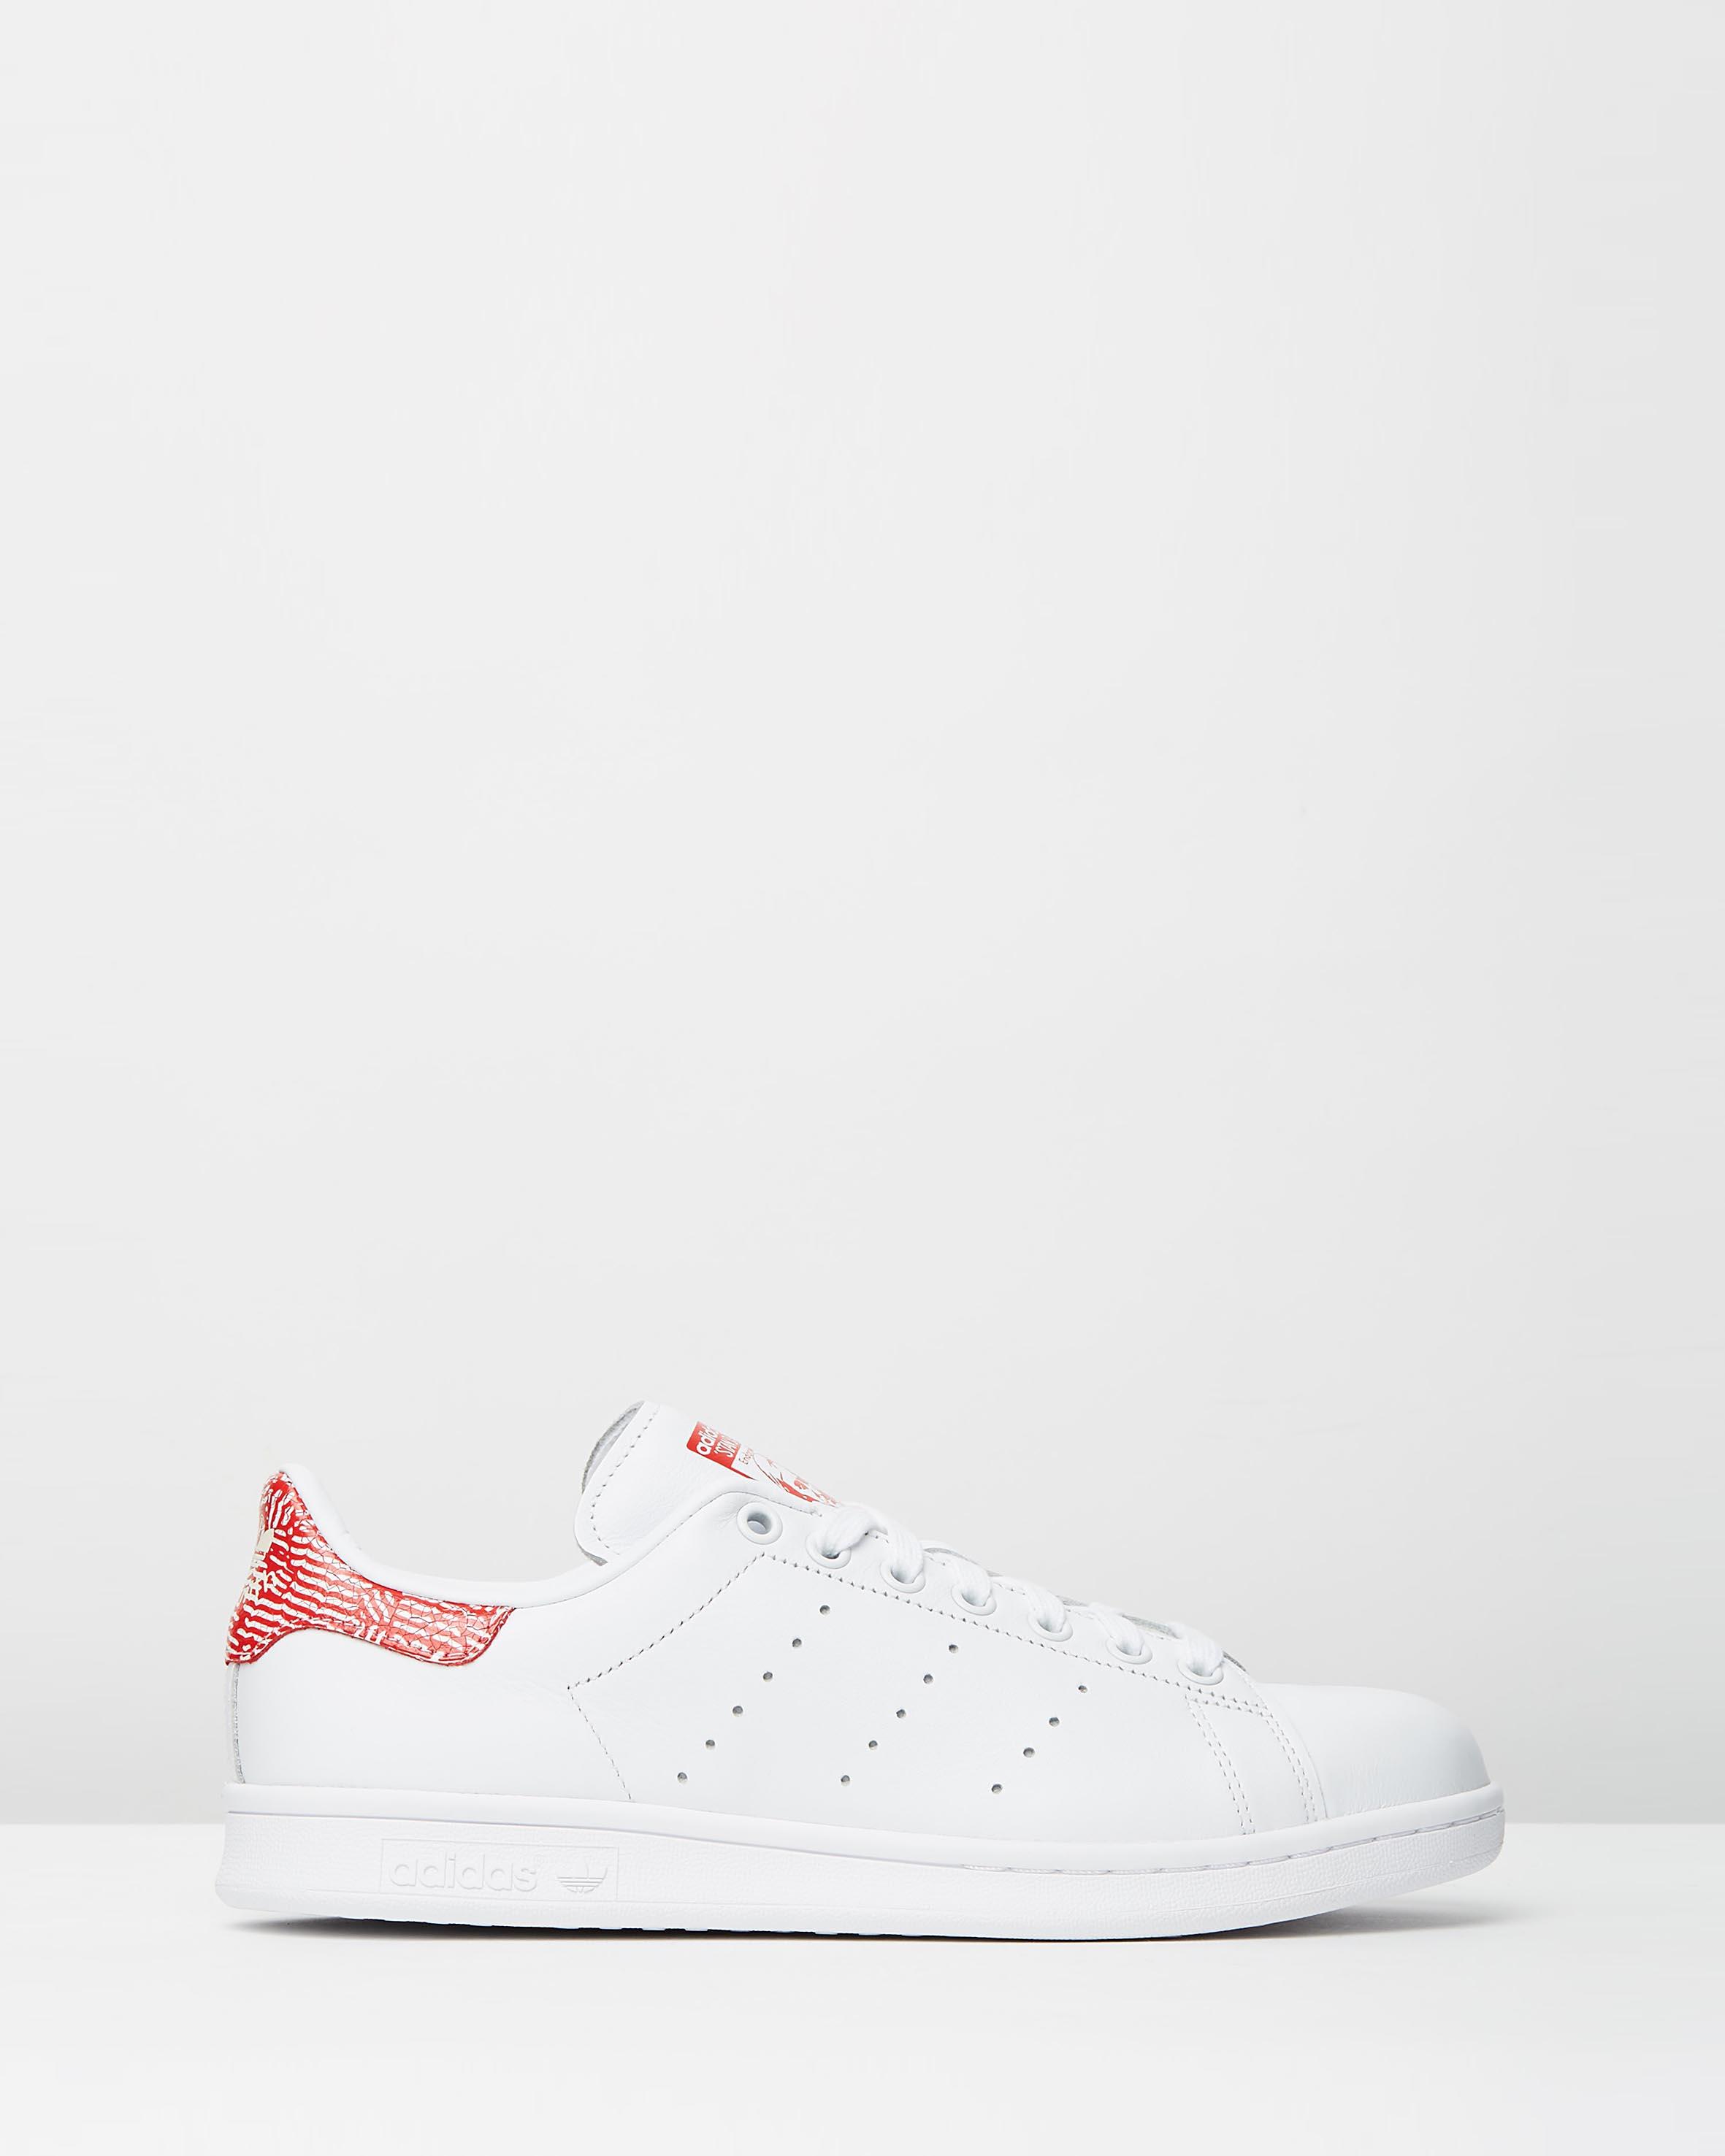 adidas stan smith australia